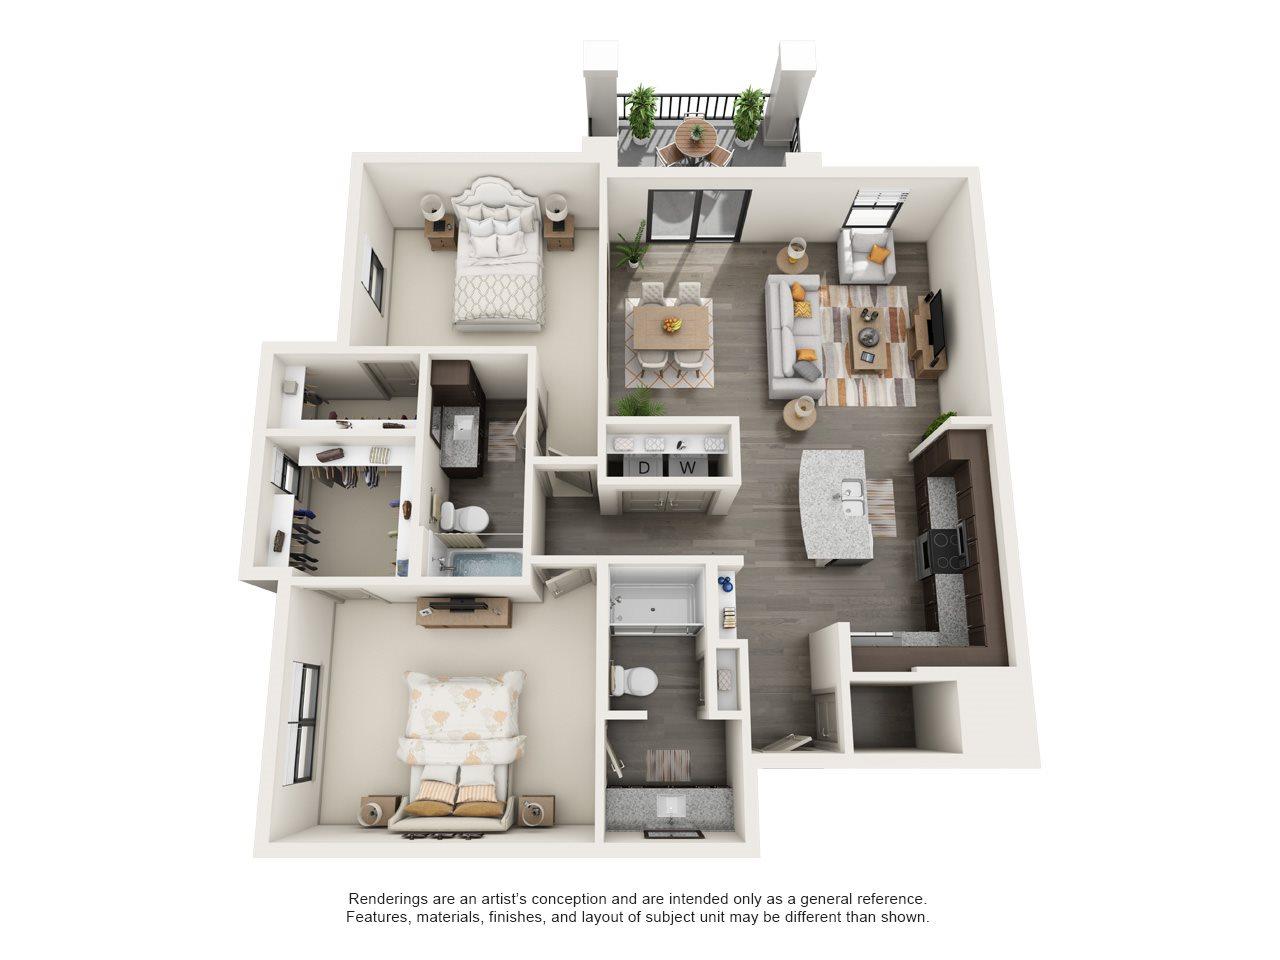 2 Bed 2 Bath (B3 Longleaf) Floor Plan 5